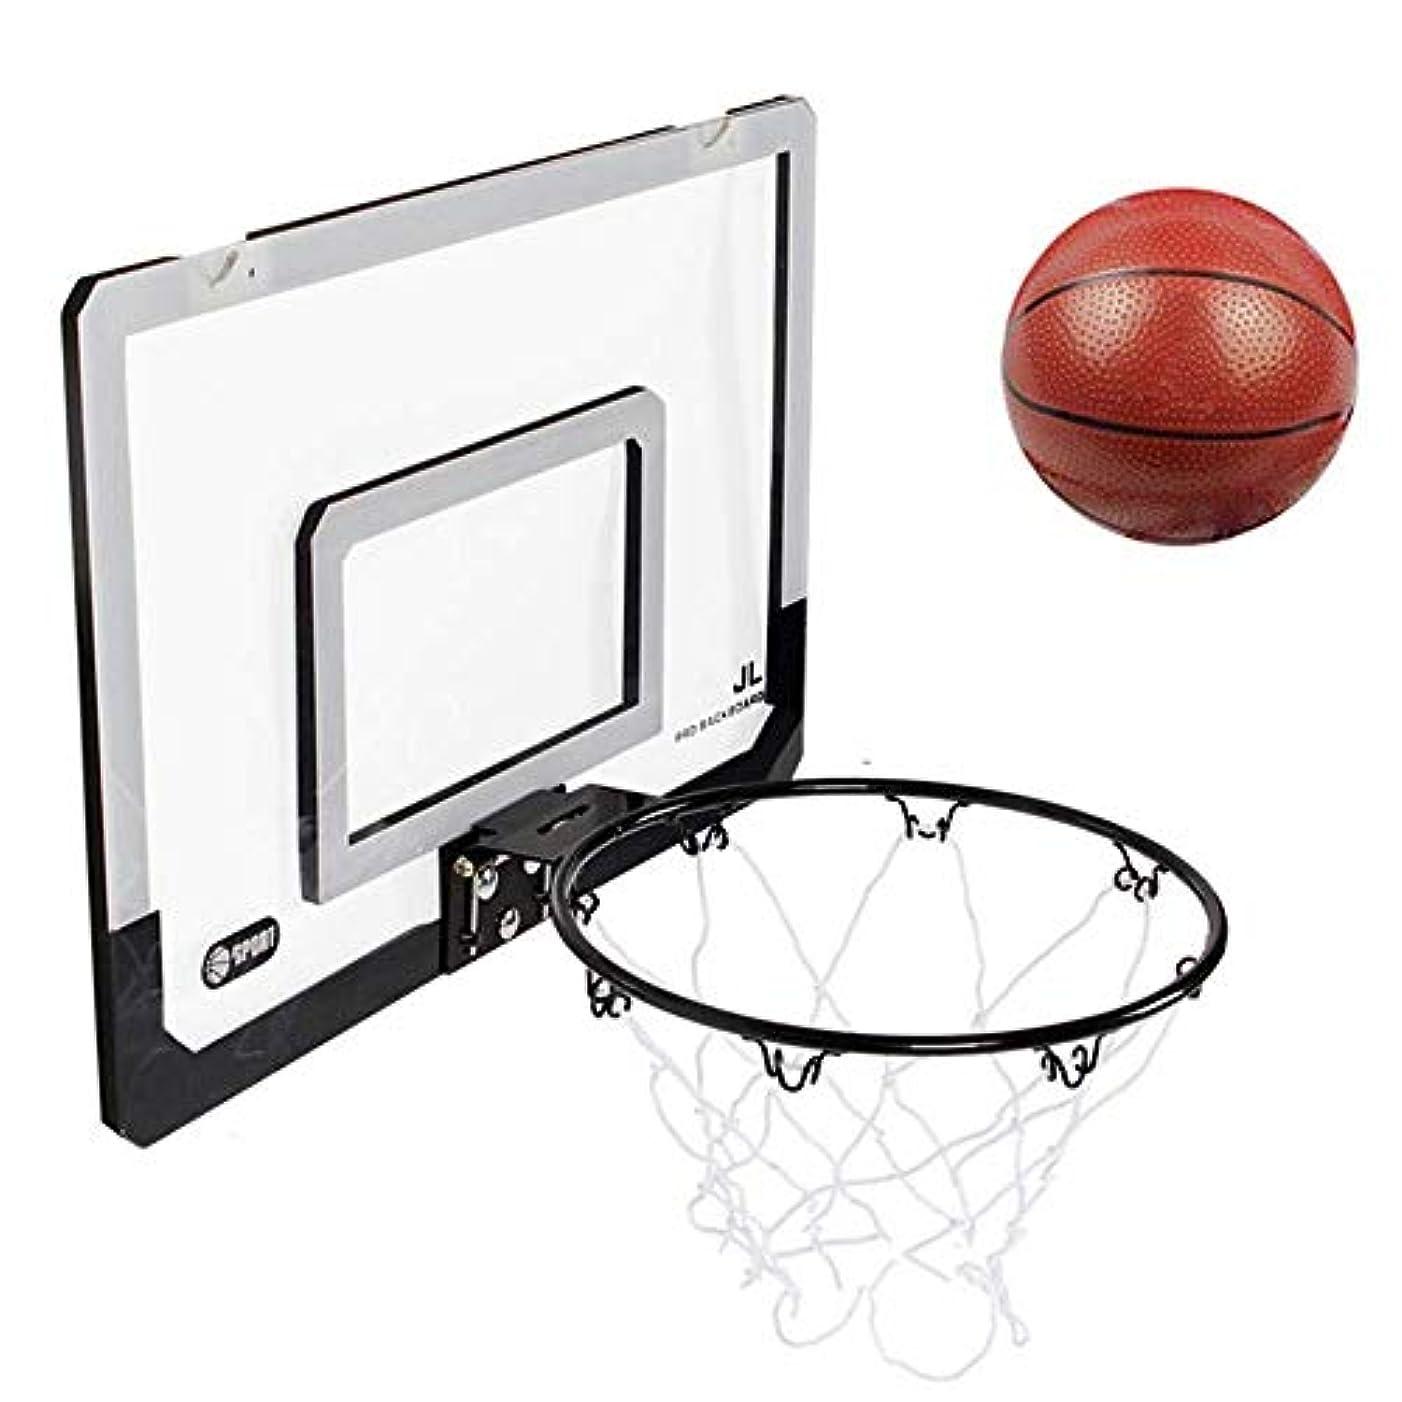 休暇説得悲しむハンギングバスケットボールボードバスケットボールネットセットキッズバスケットボールフープ付きボールチャイルドスポーツゲームプレイセット45.5x29.5cm